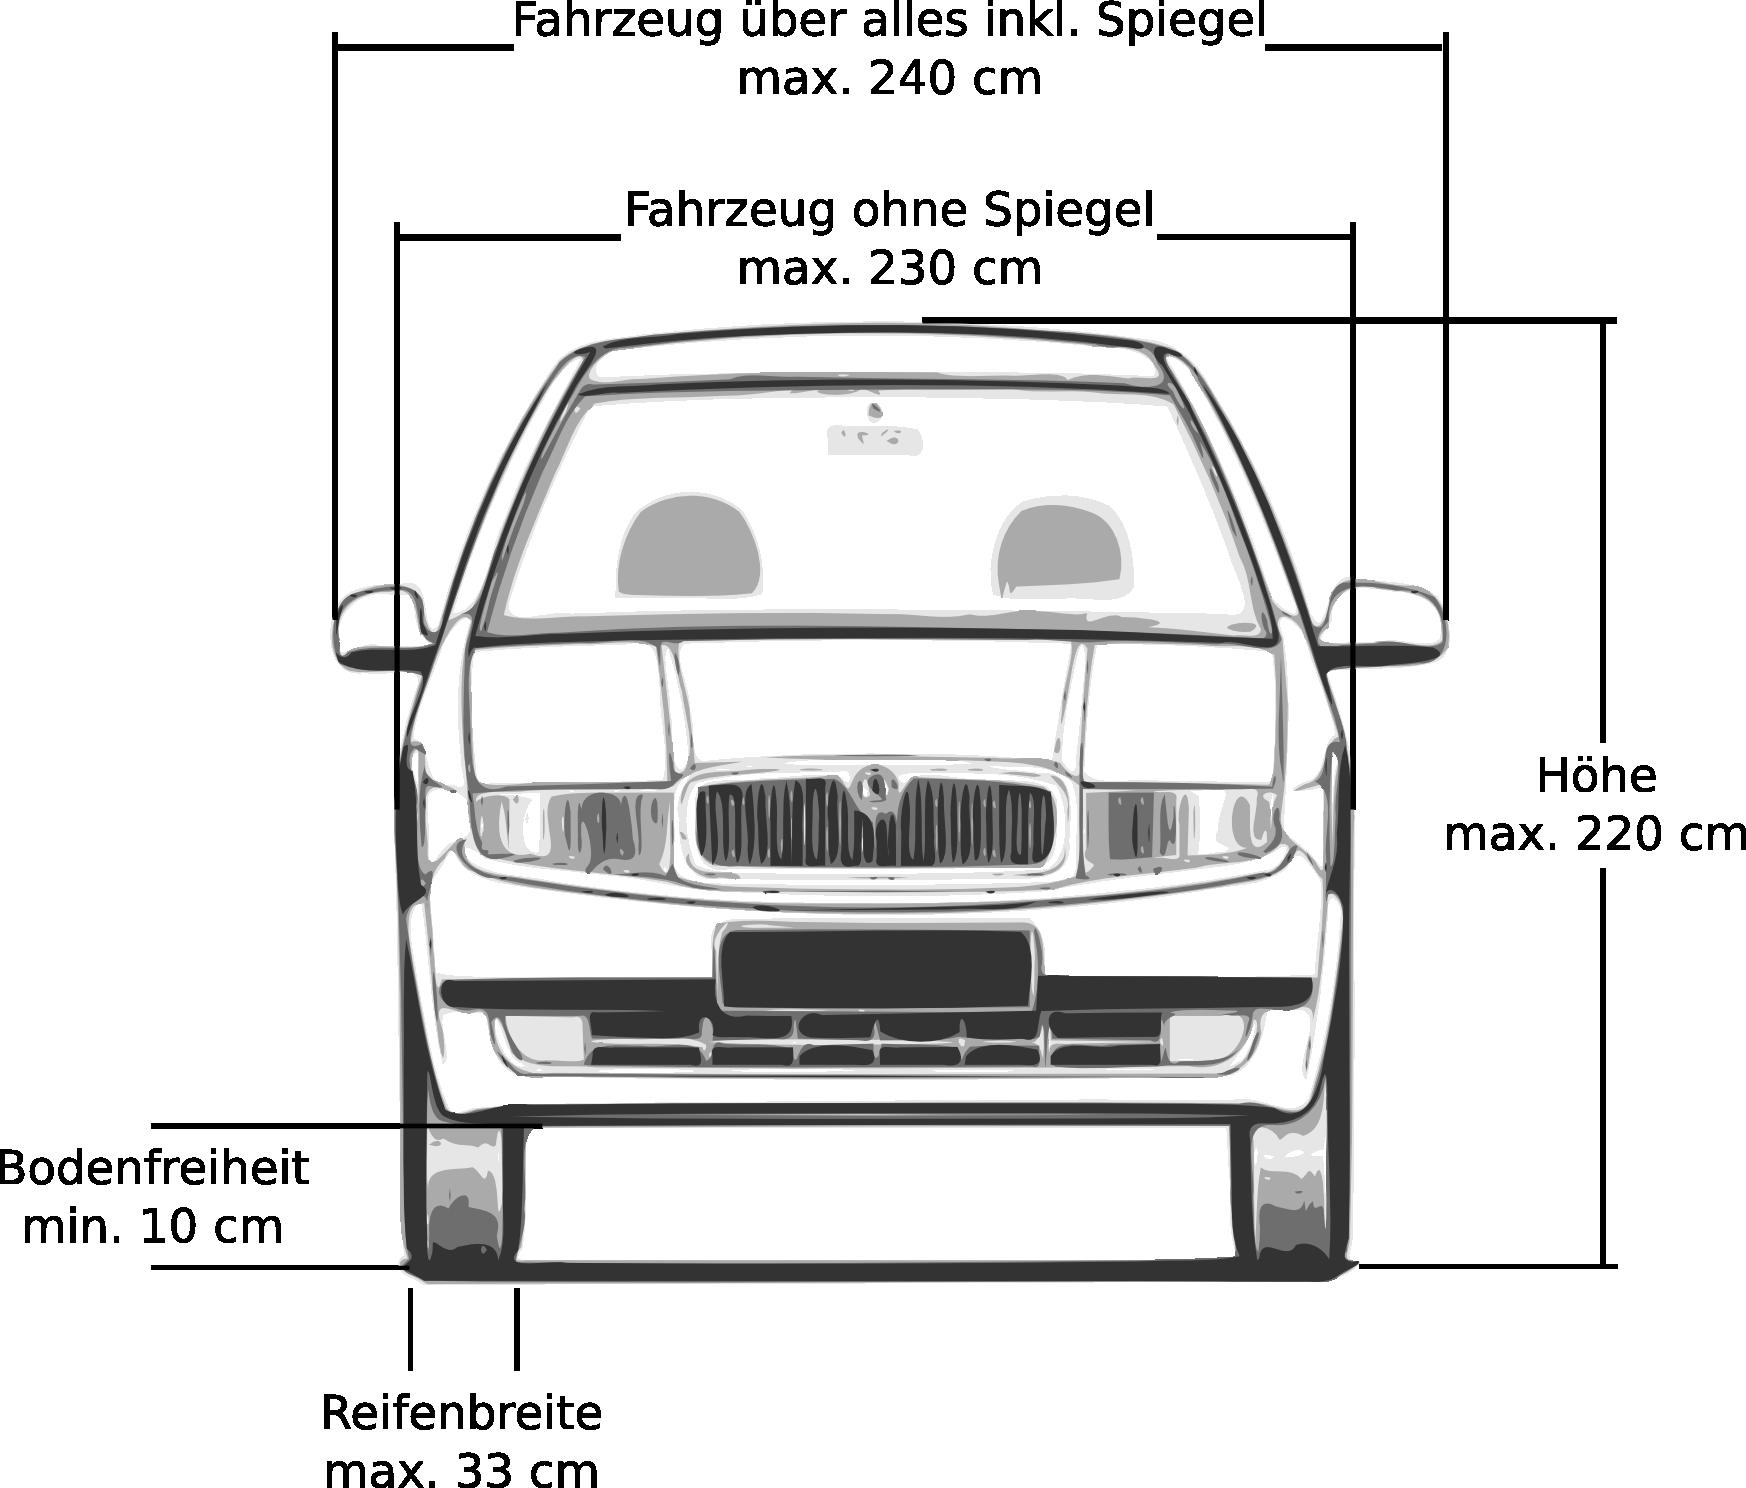 Fahrzeugabmessungen